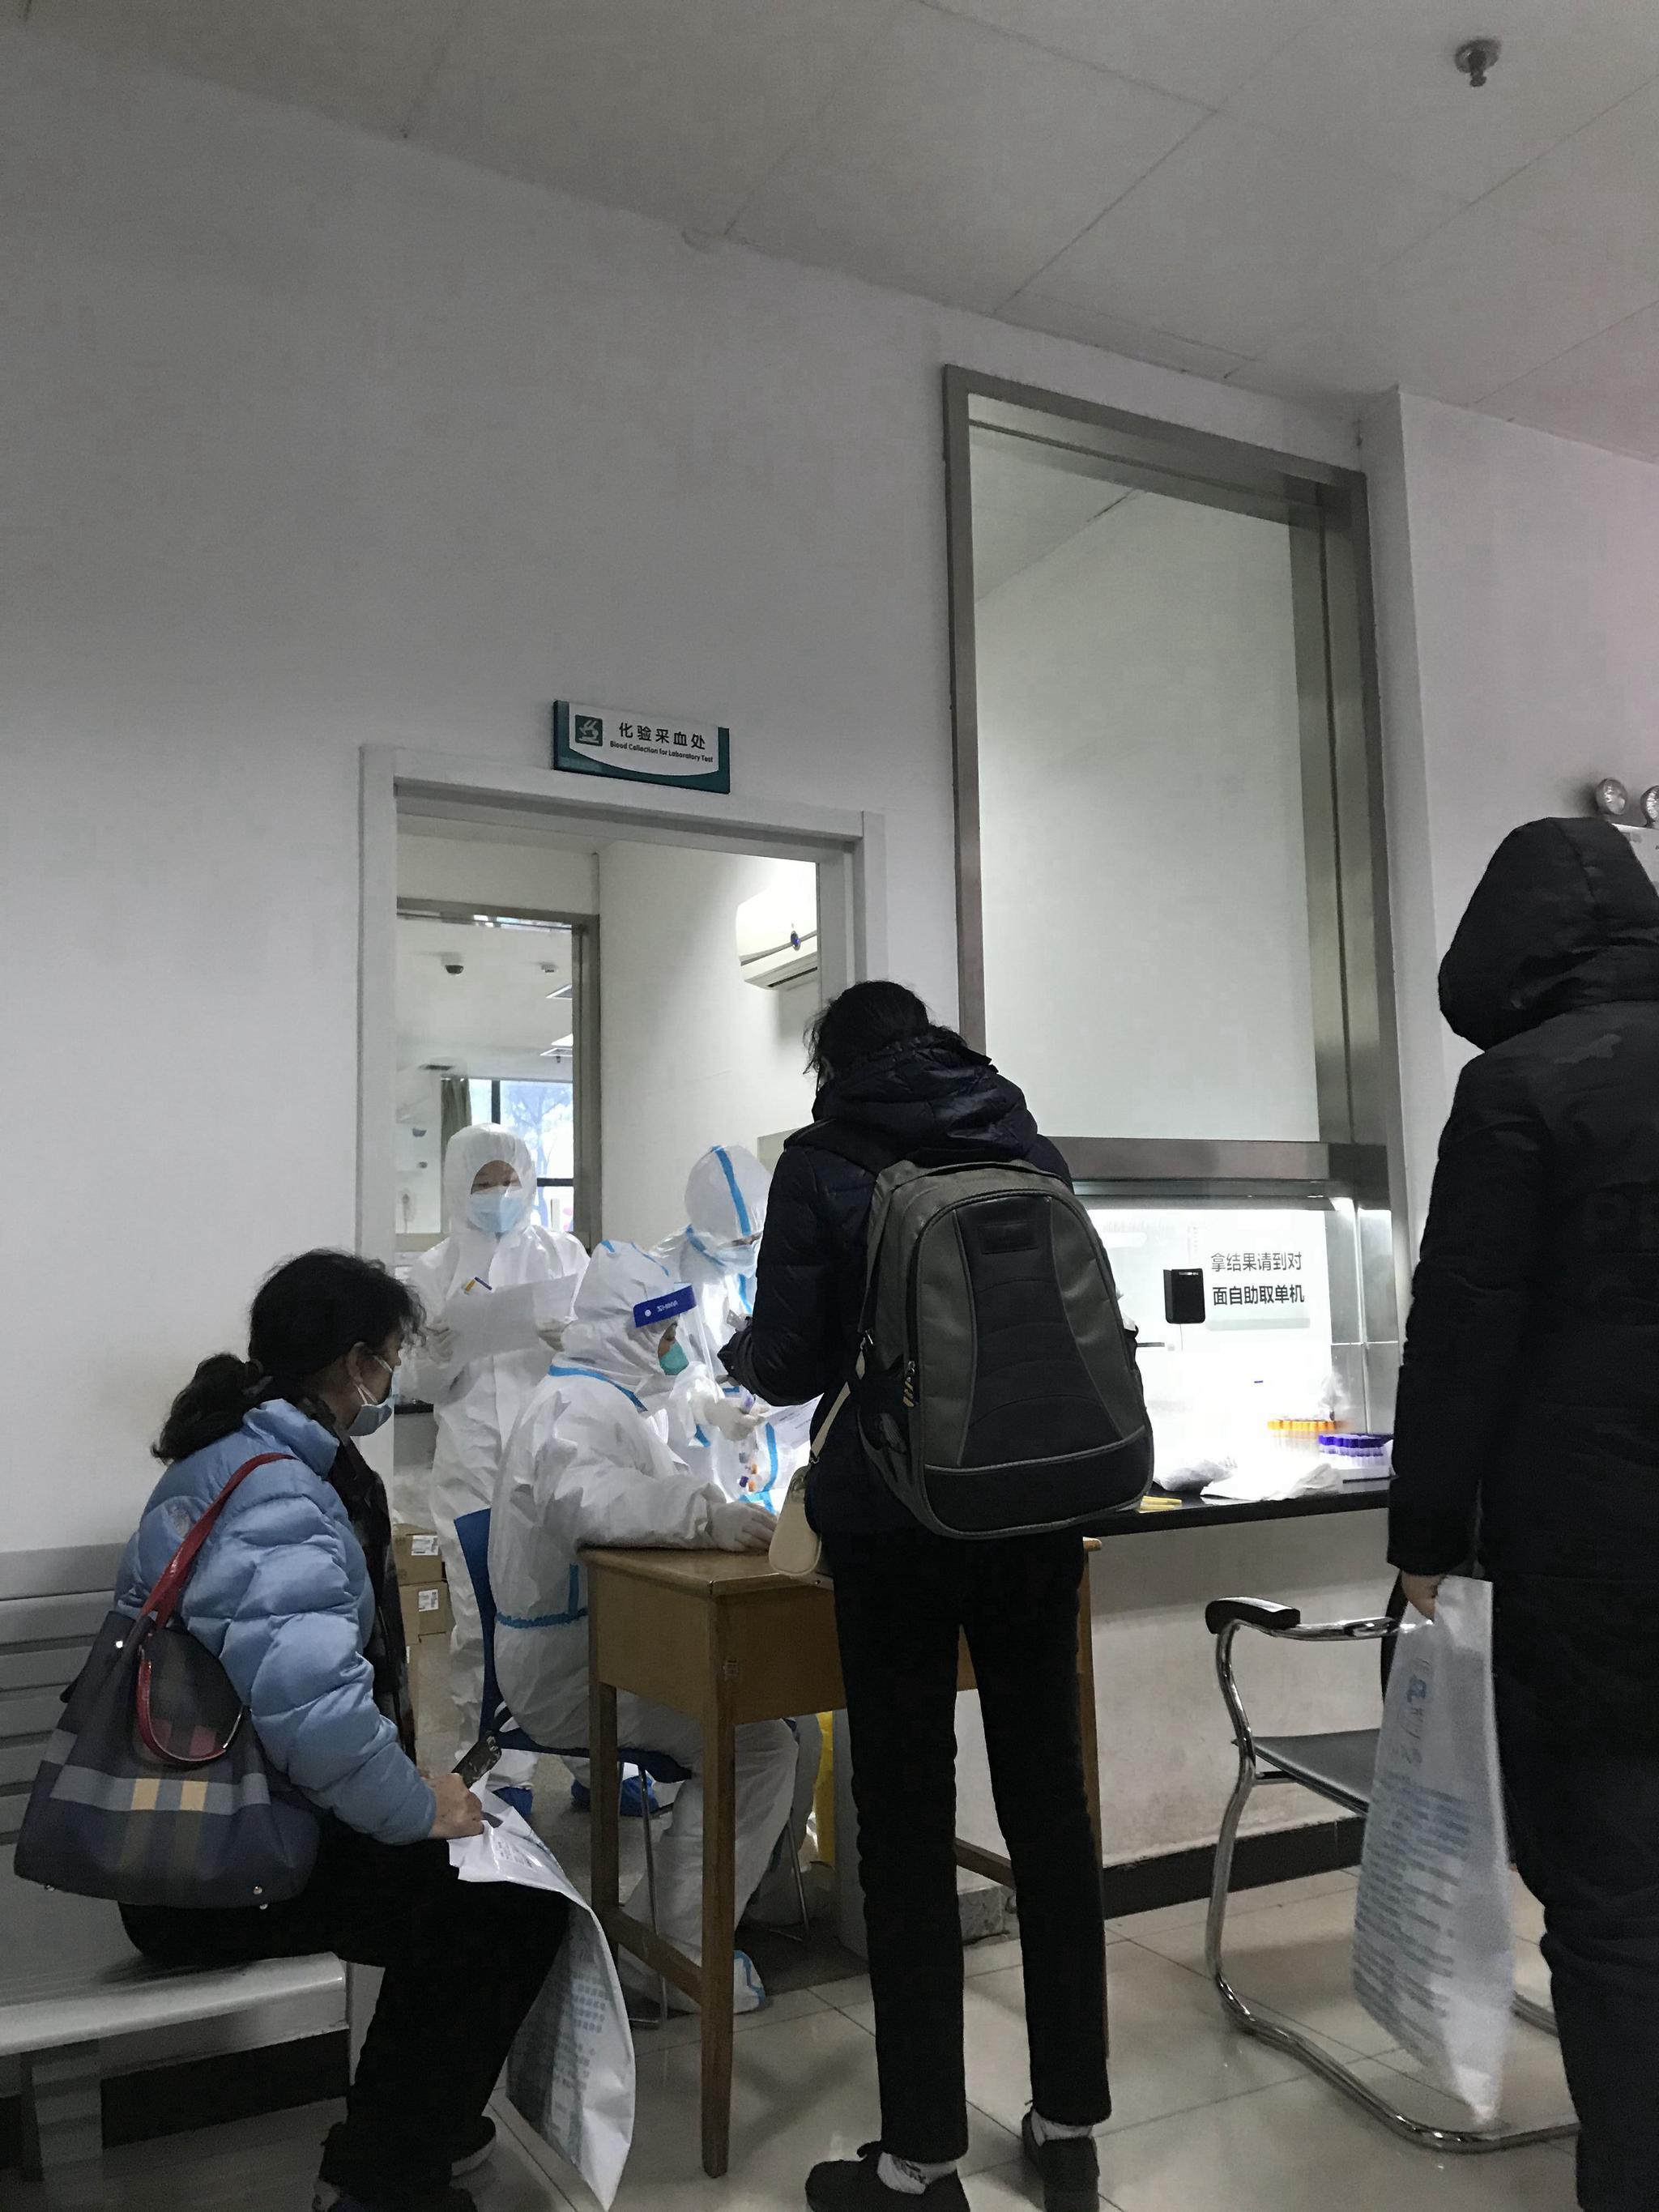 武汉定点医院发热门诊人满为患,有医生连续工作十几小时图片